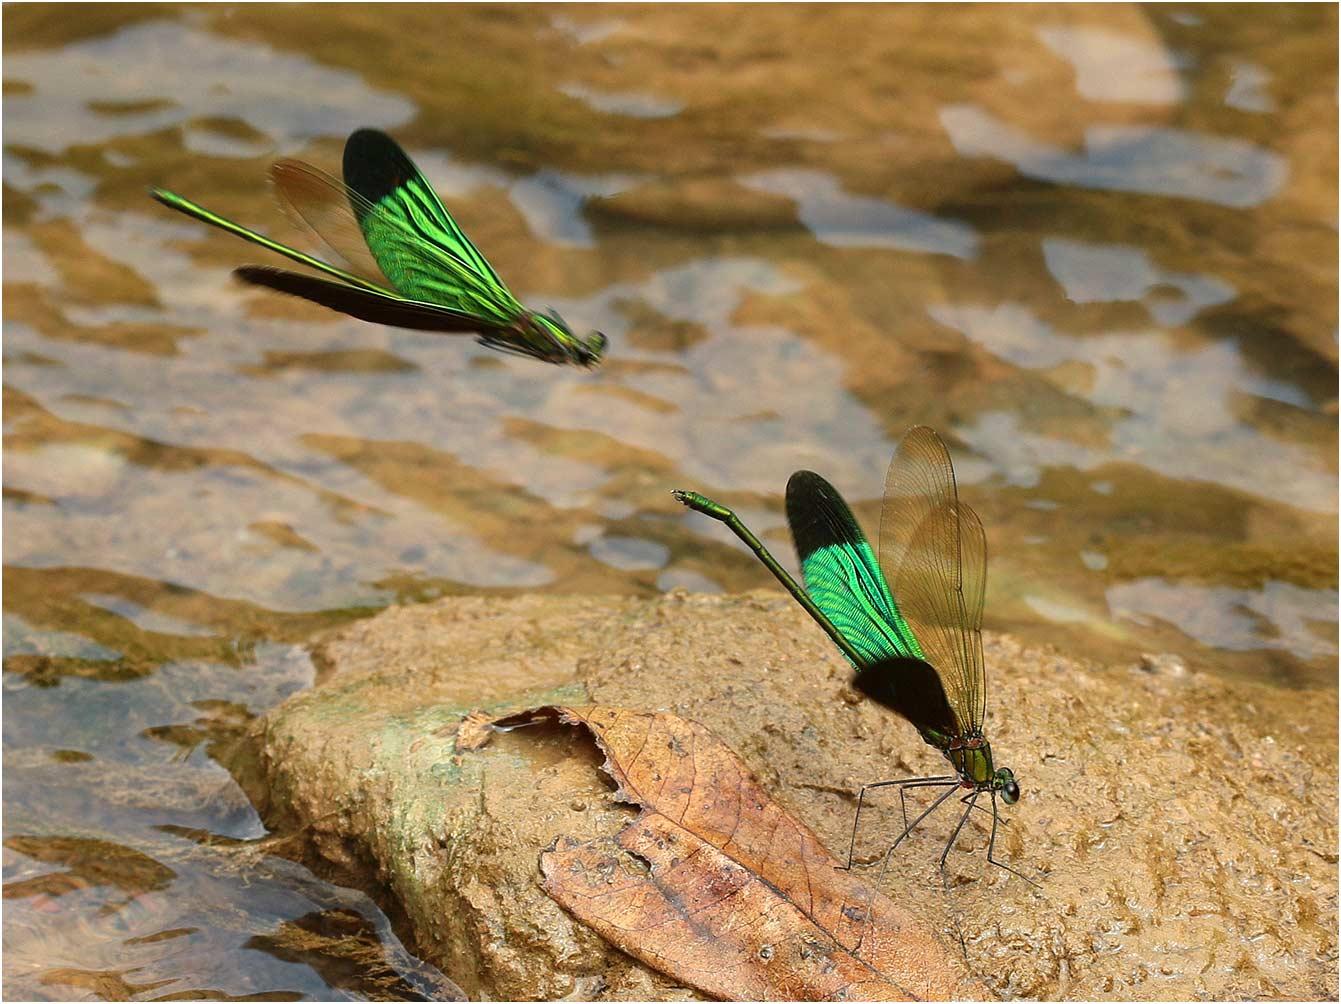 Neurobasis chinensis mâles, Vietnam, Cao Bang, 04/06/2018